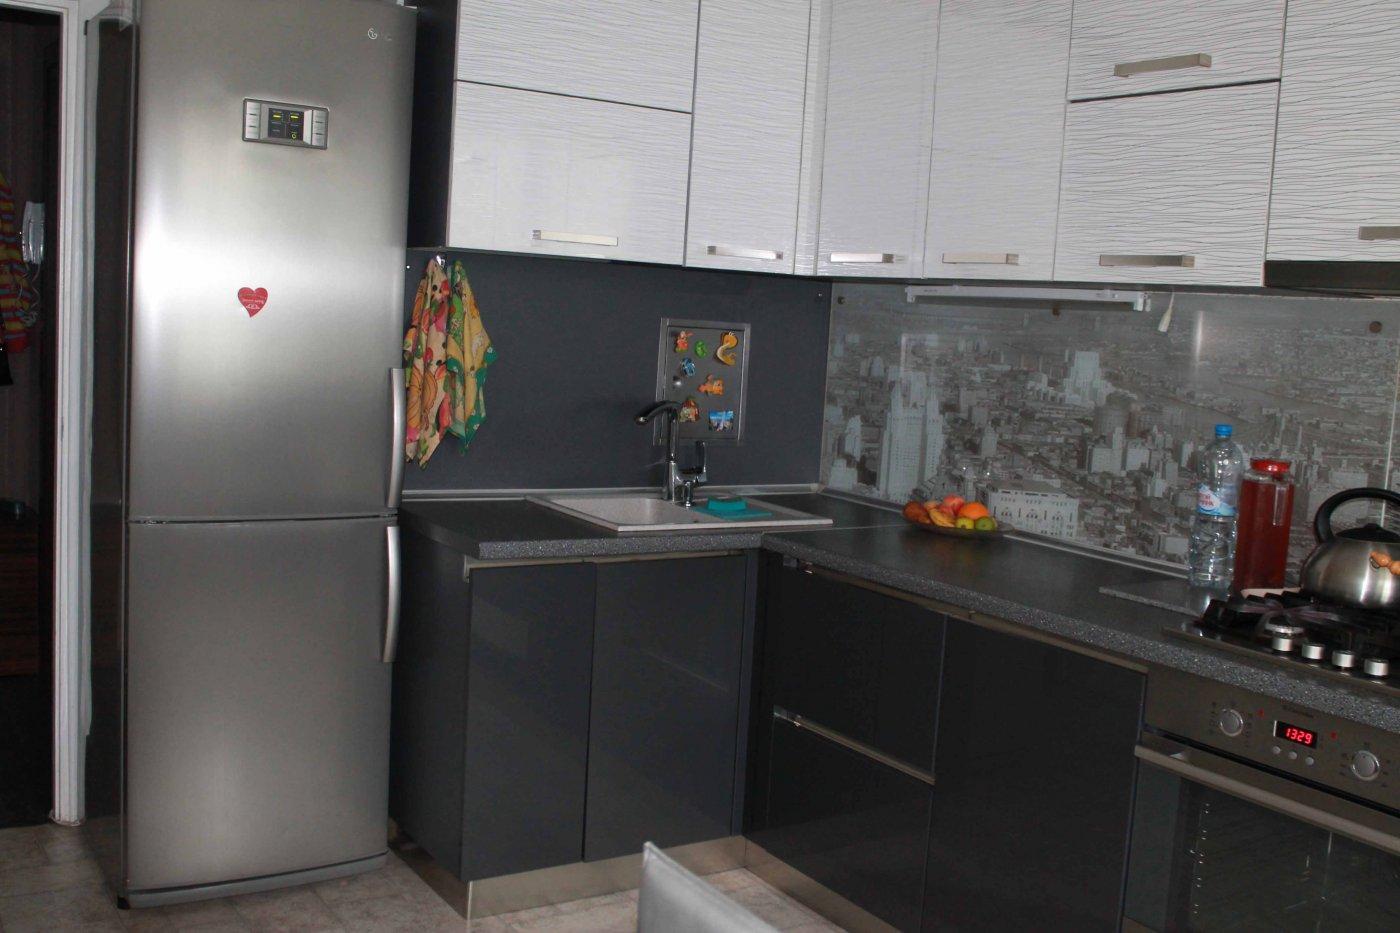 Дизайн кухни 6.7 кв.м фото с холодильником